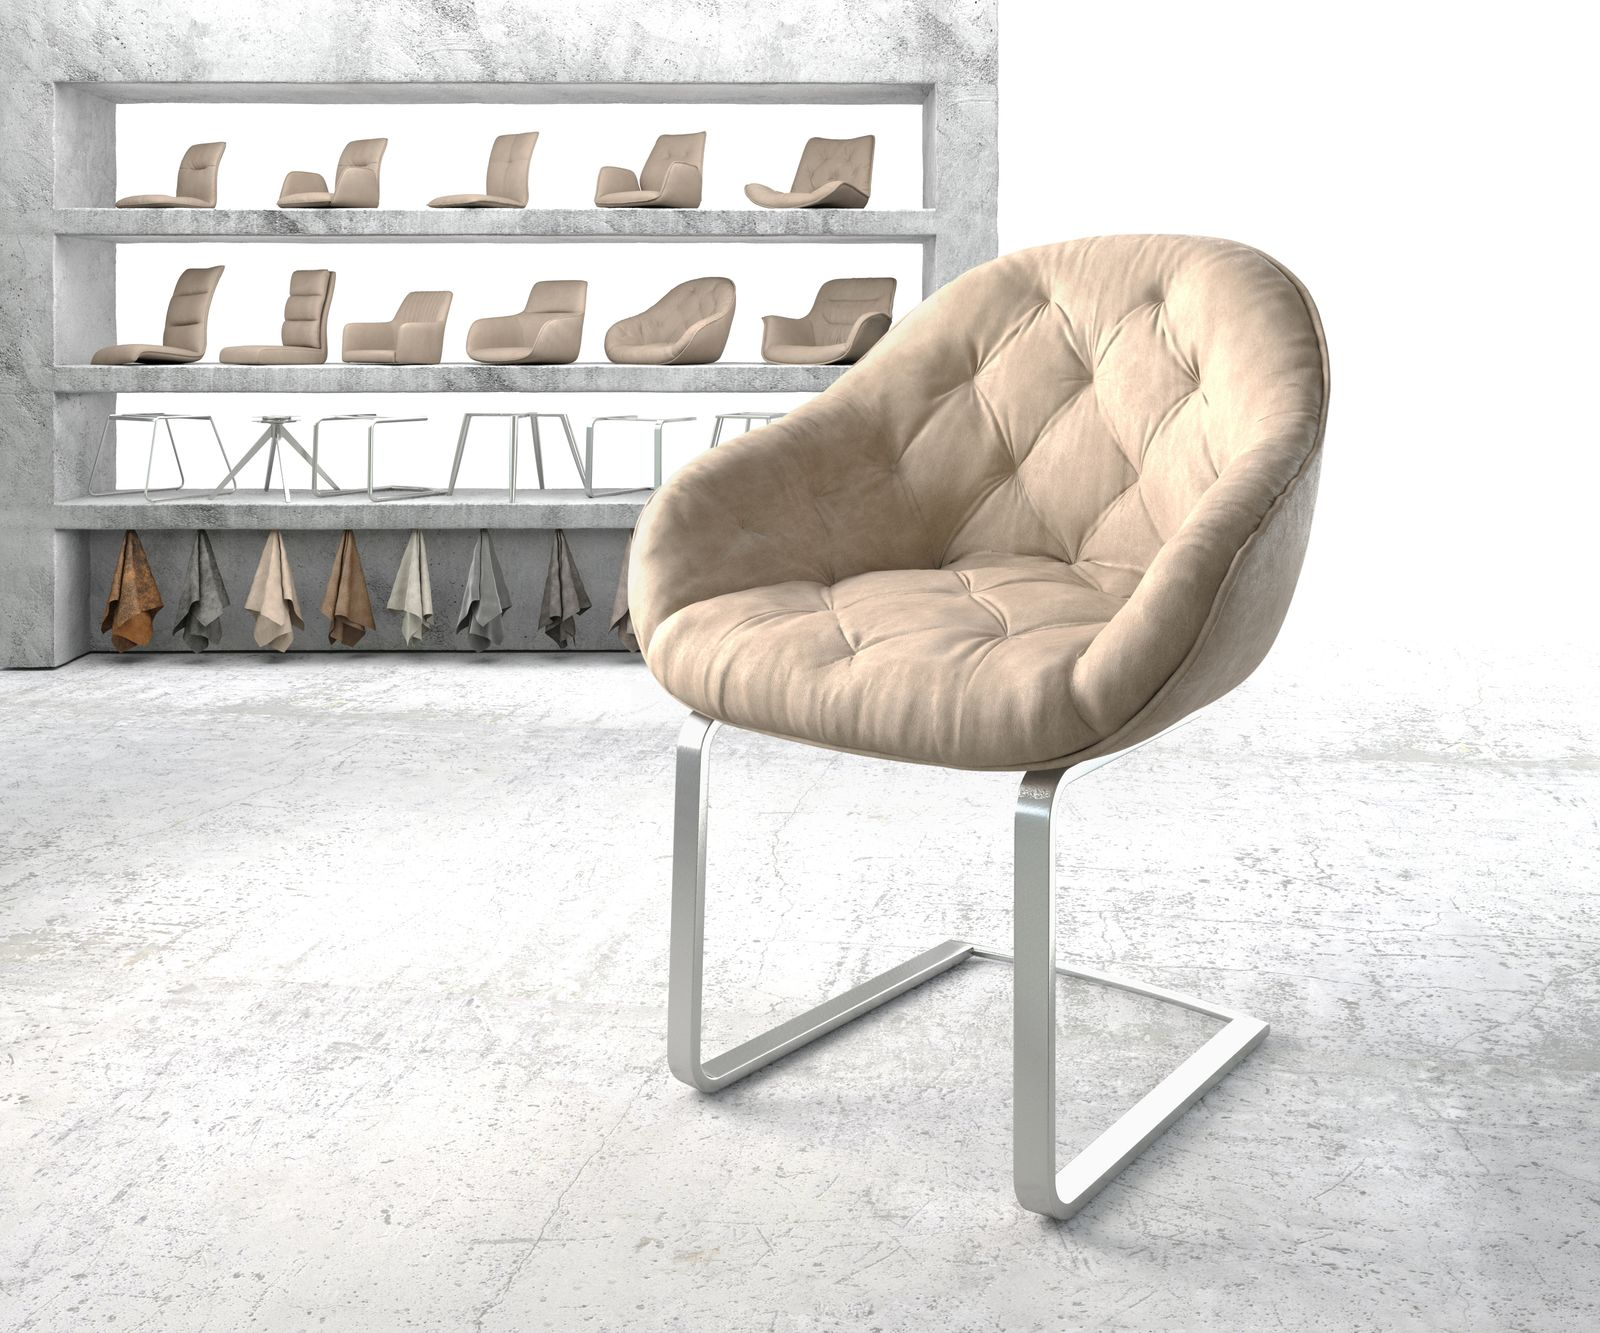 delife-armlehnstuhl-gaio-flex-beige-vintage-freischwinger-flach-edelstahl-esszimmerstuhle